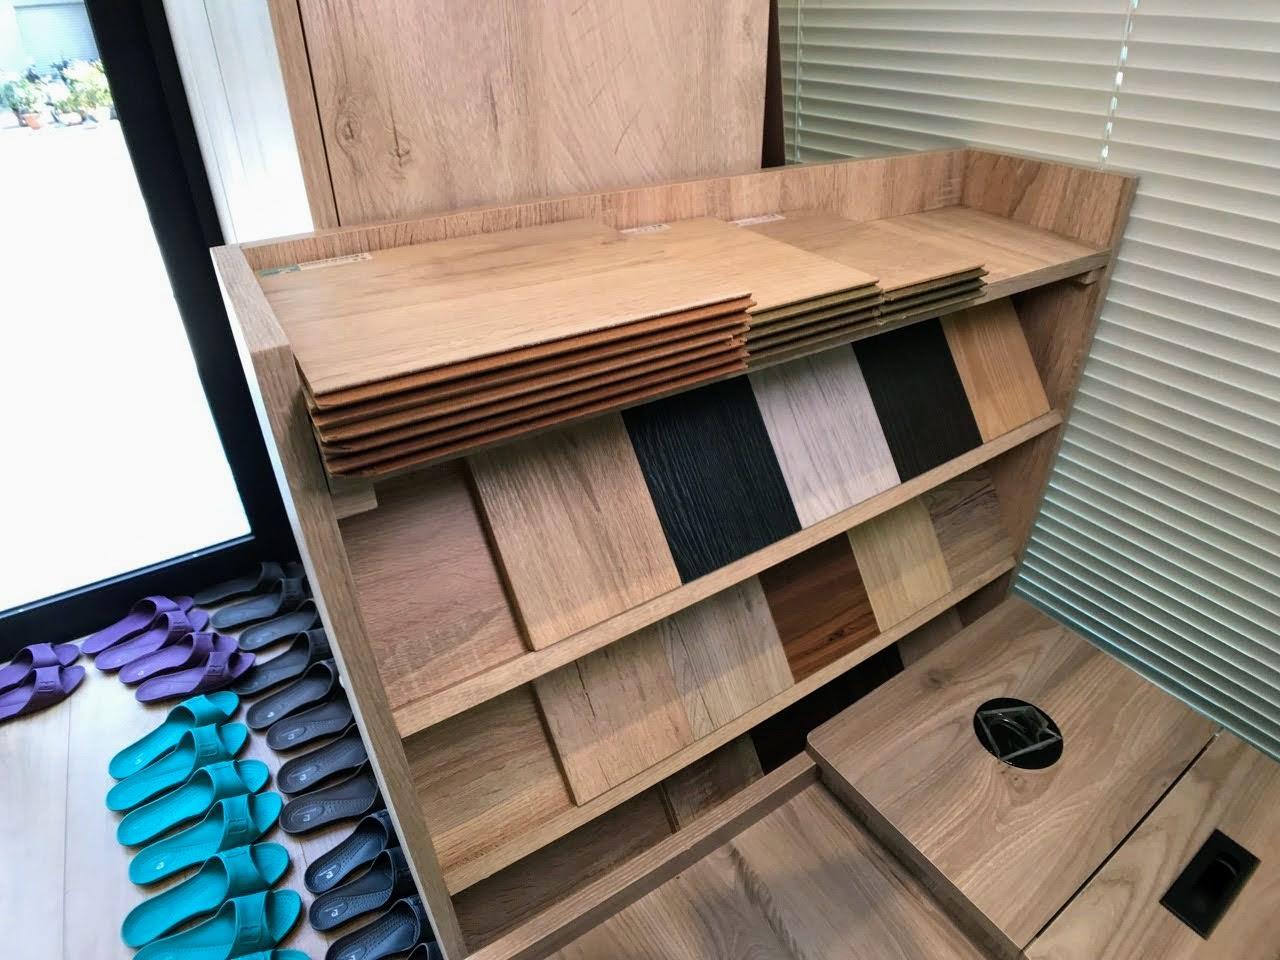 【台南|南區】直人木業傢俱|給你溫暖明亮的簡單生活|輕裝修低預算的好夥伴|台南家俱推薦